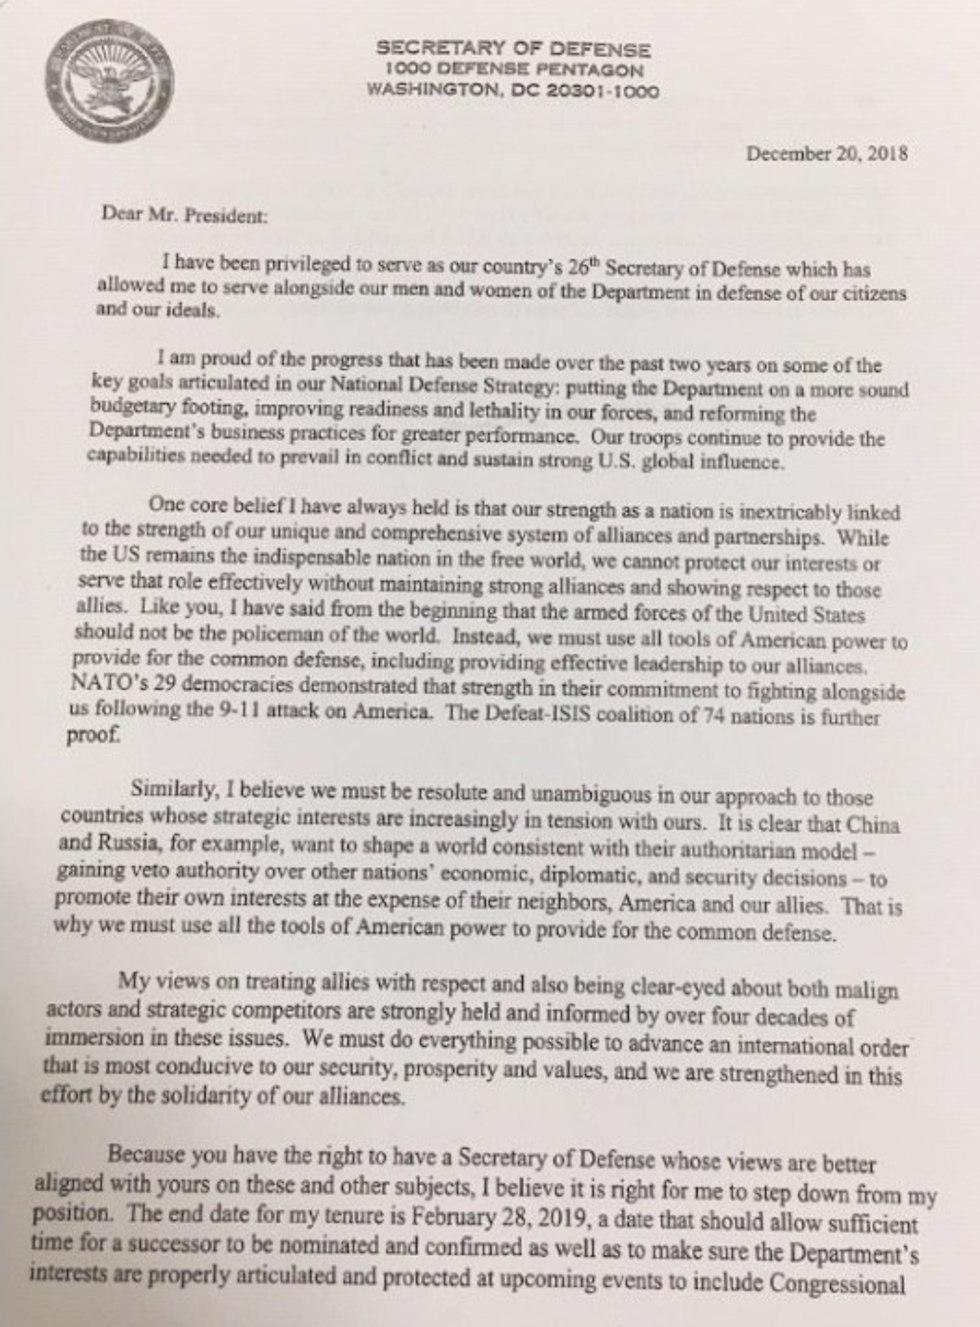 מכתב ההתפטרות של מאטיס ()